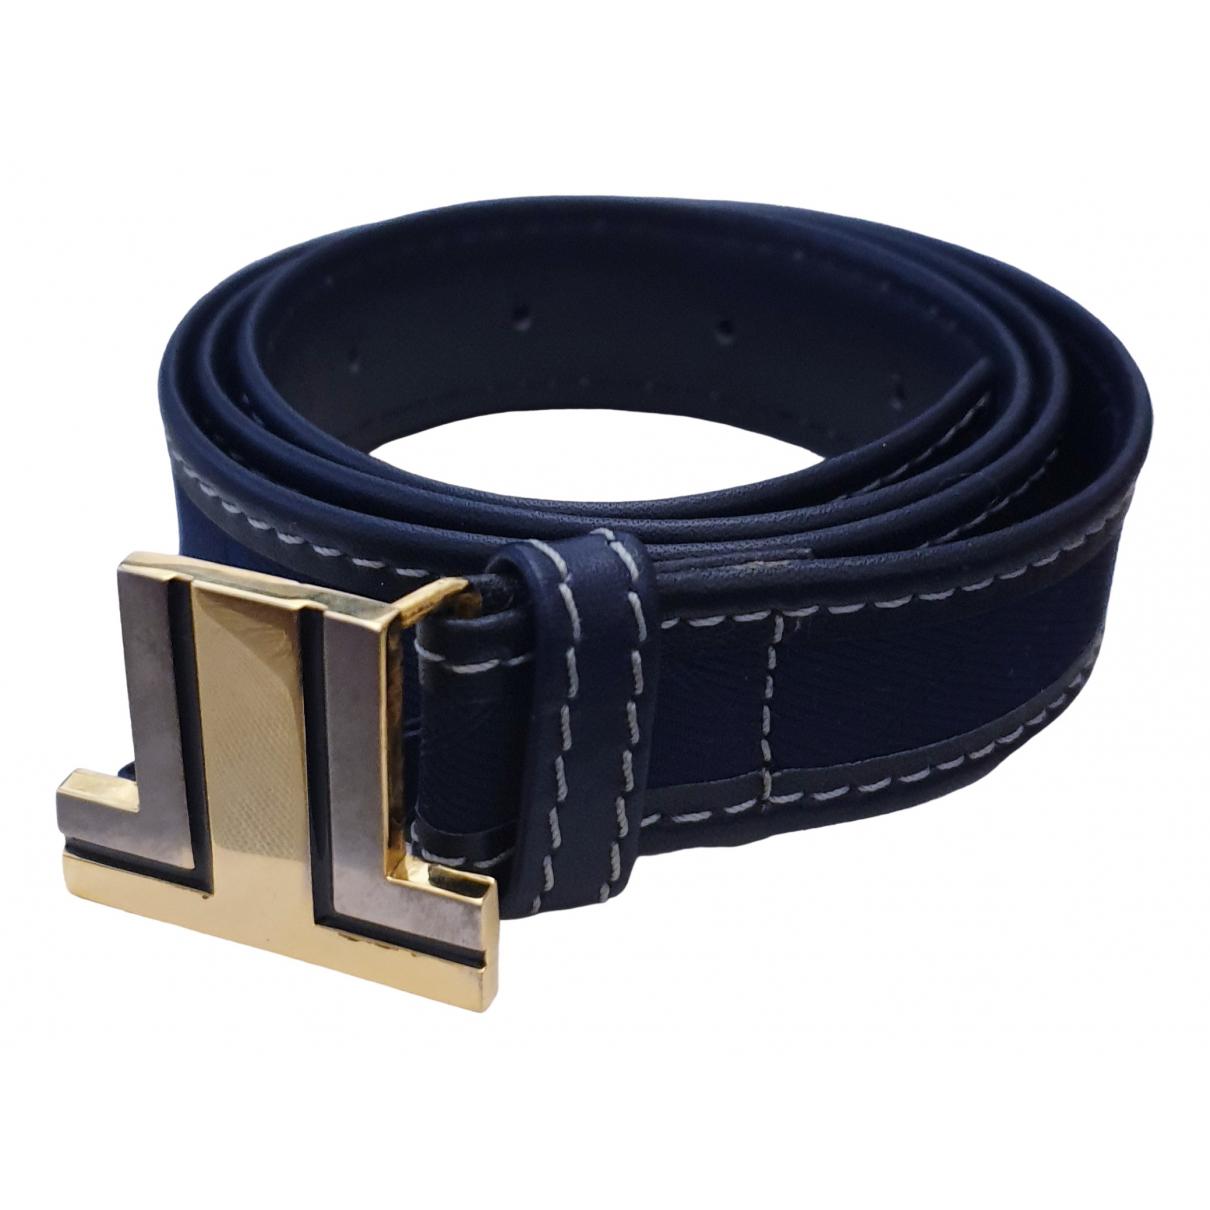 Cinturon de Cuero Lanvin